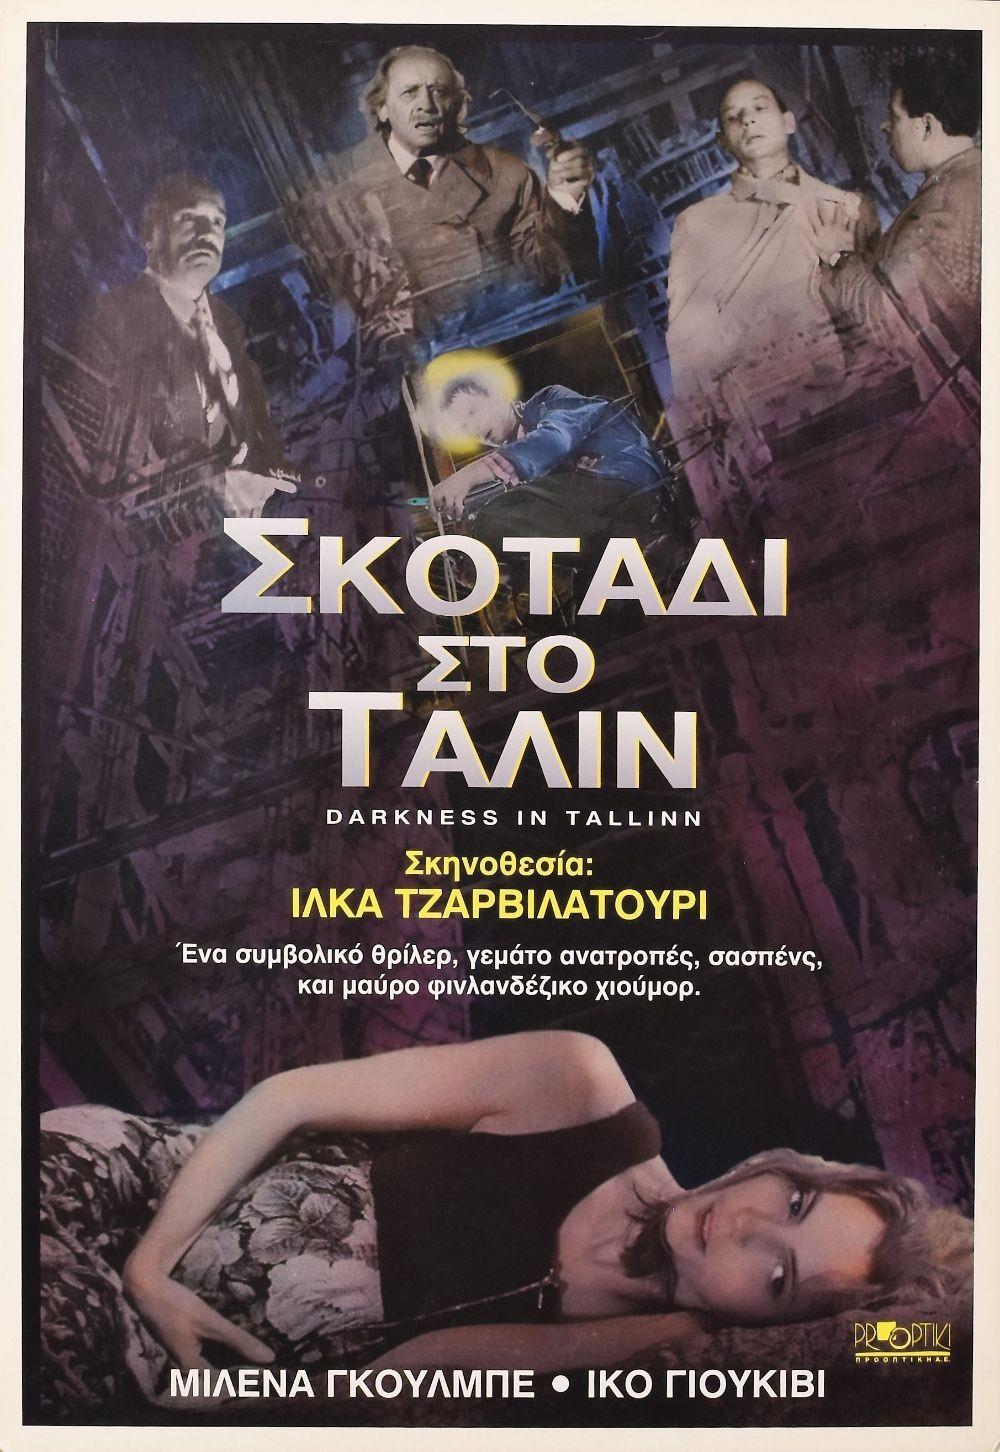 Darkness in Tallinn original movie poster